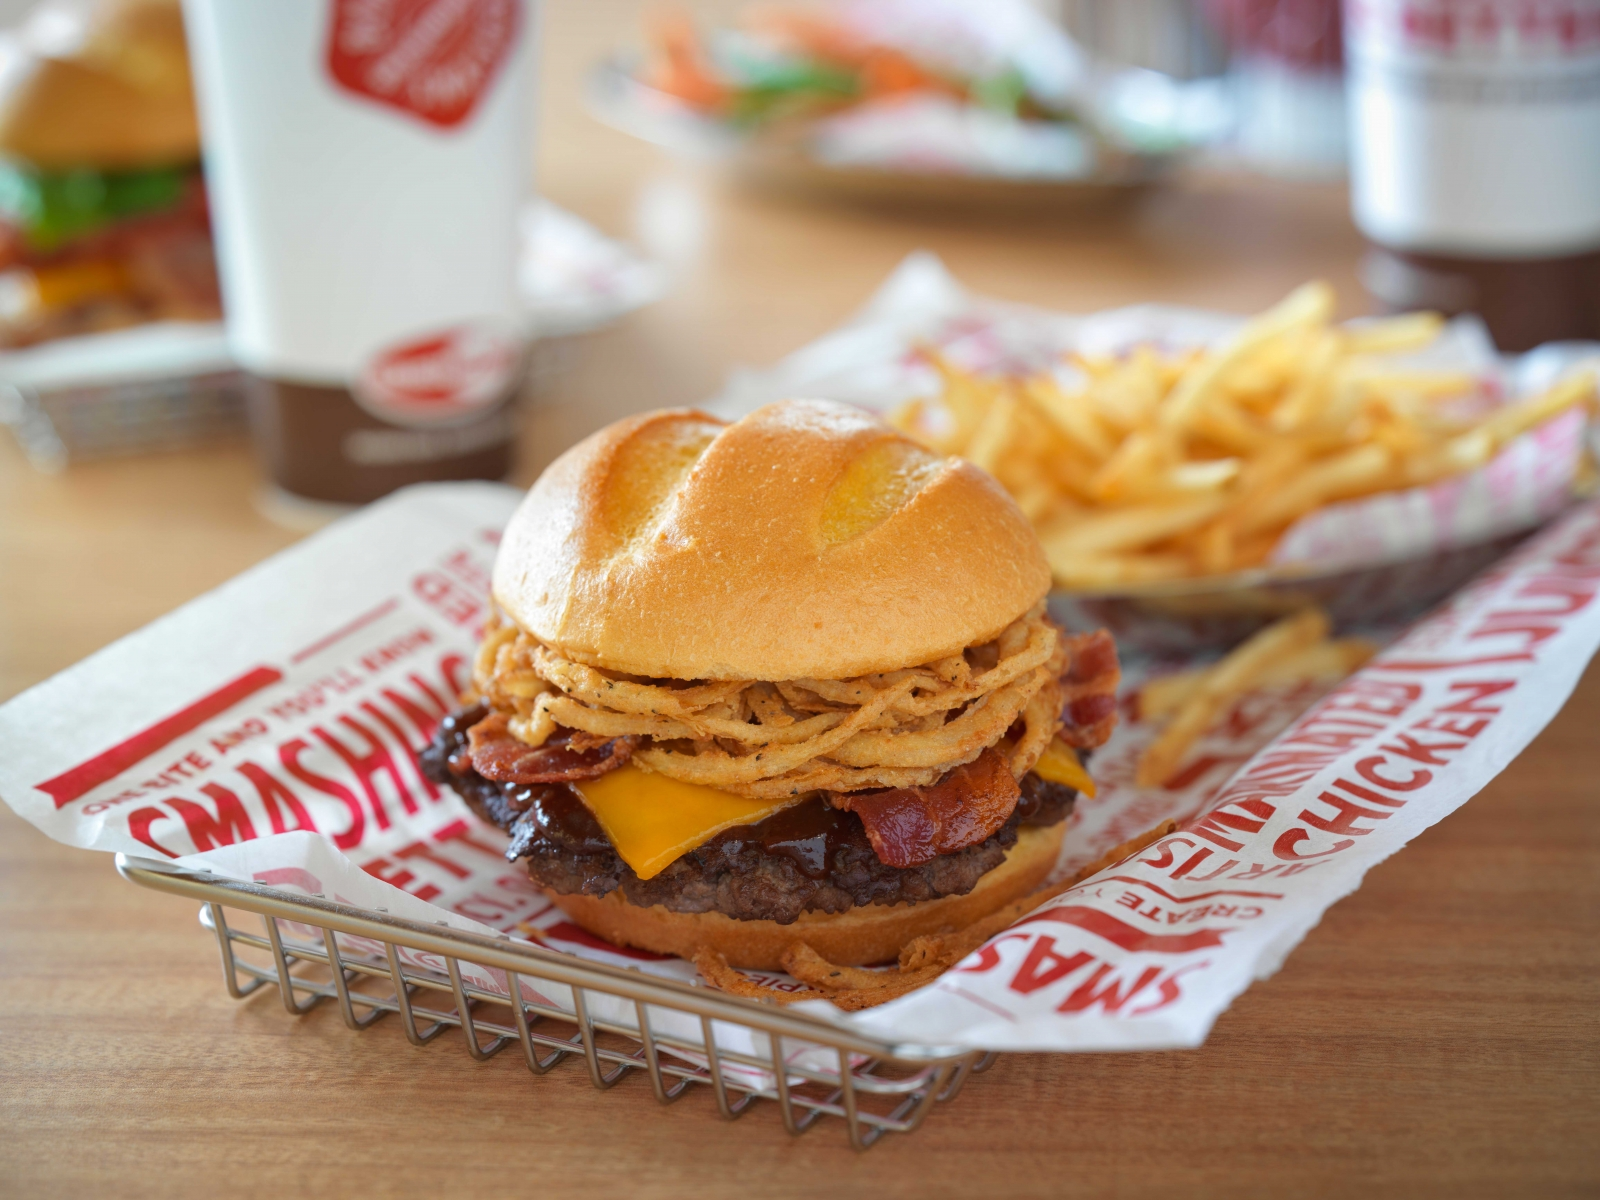 Smashburger burger and fries